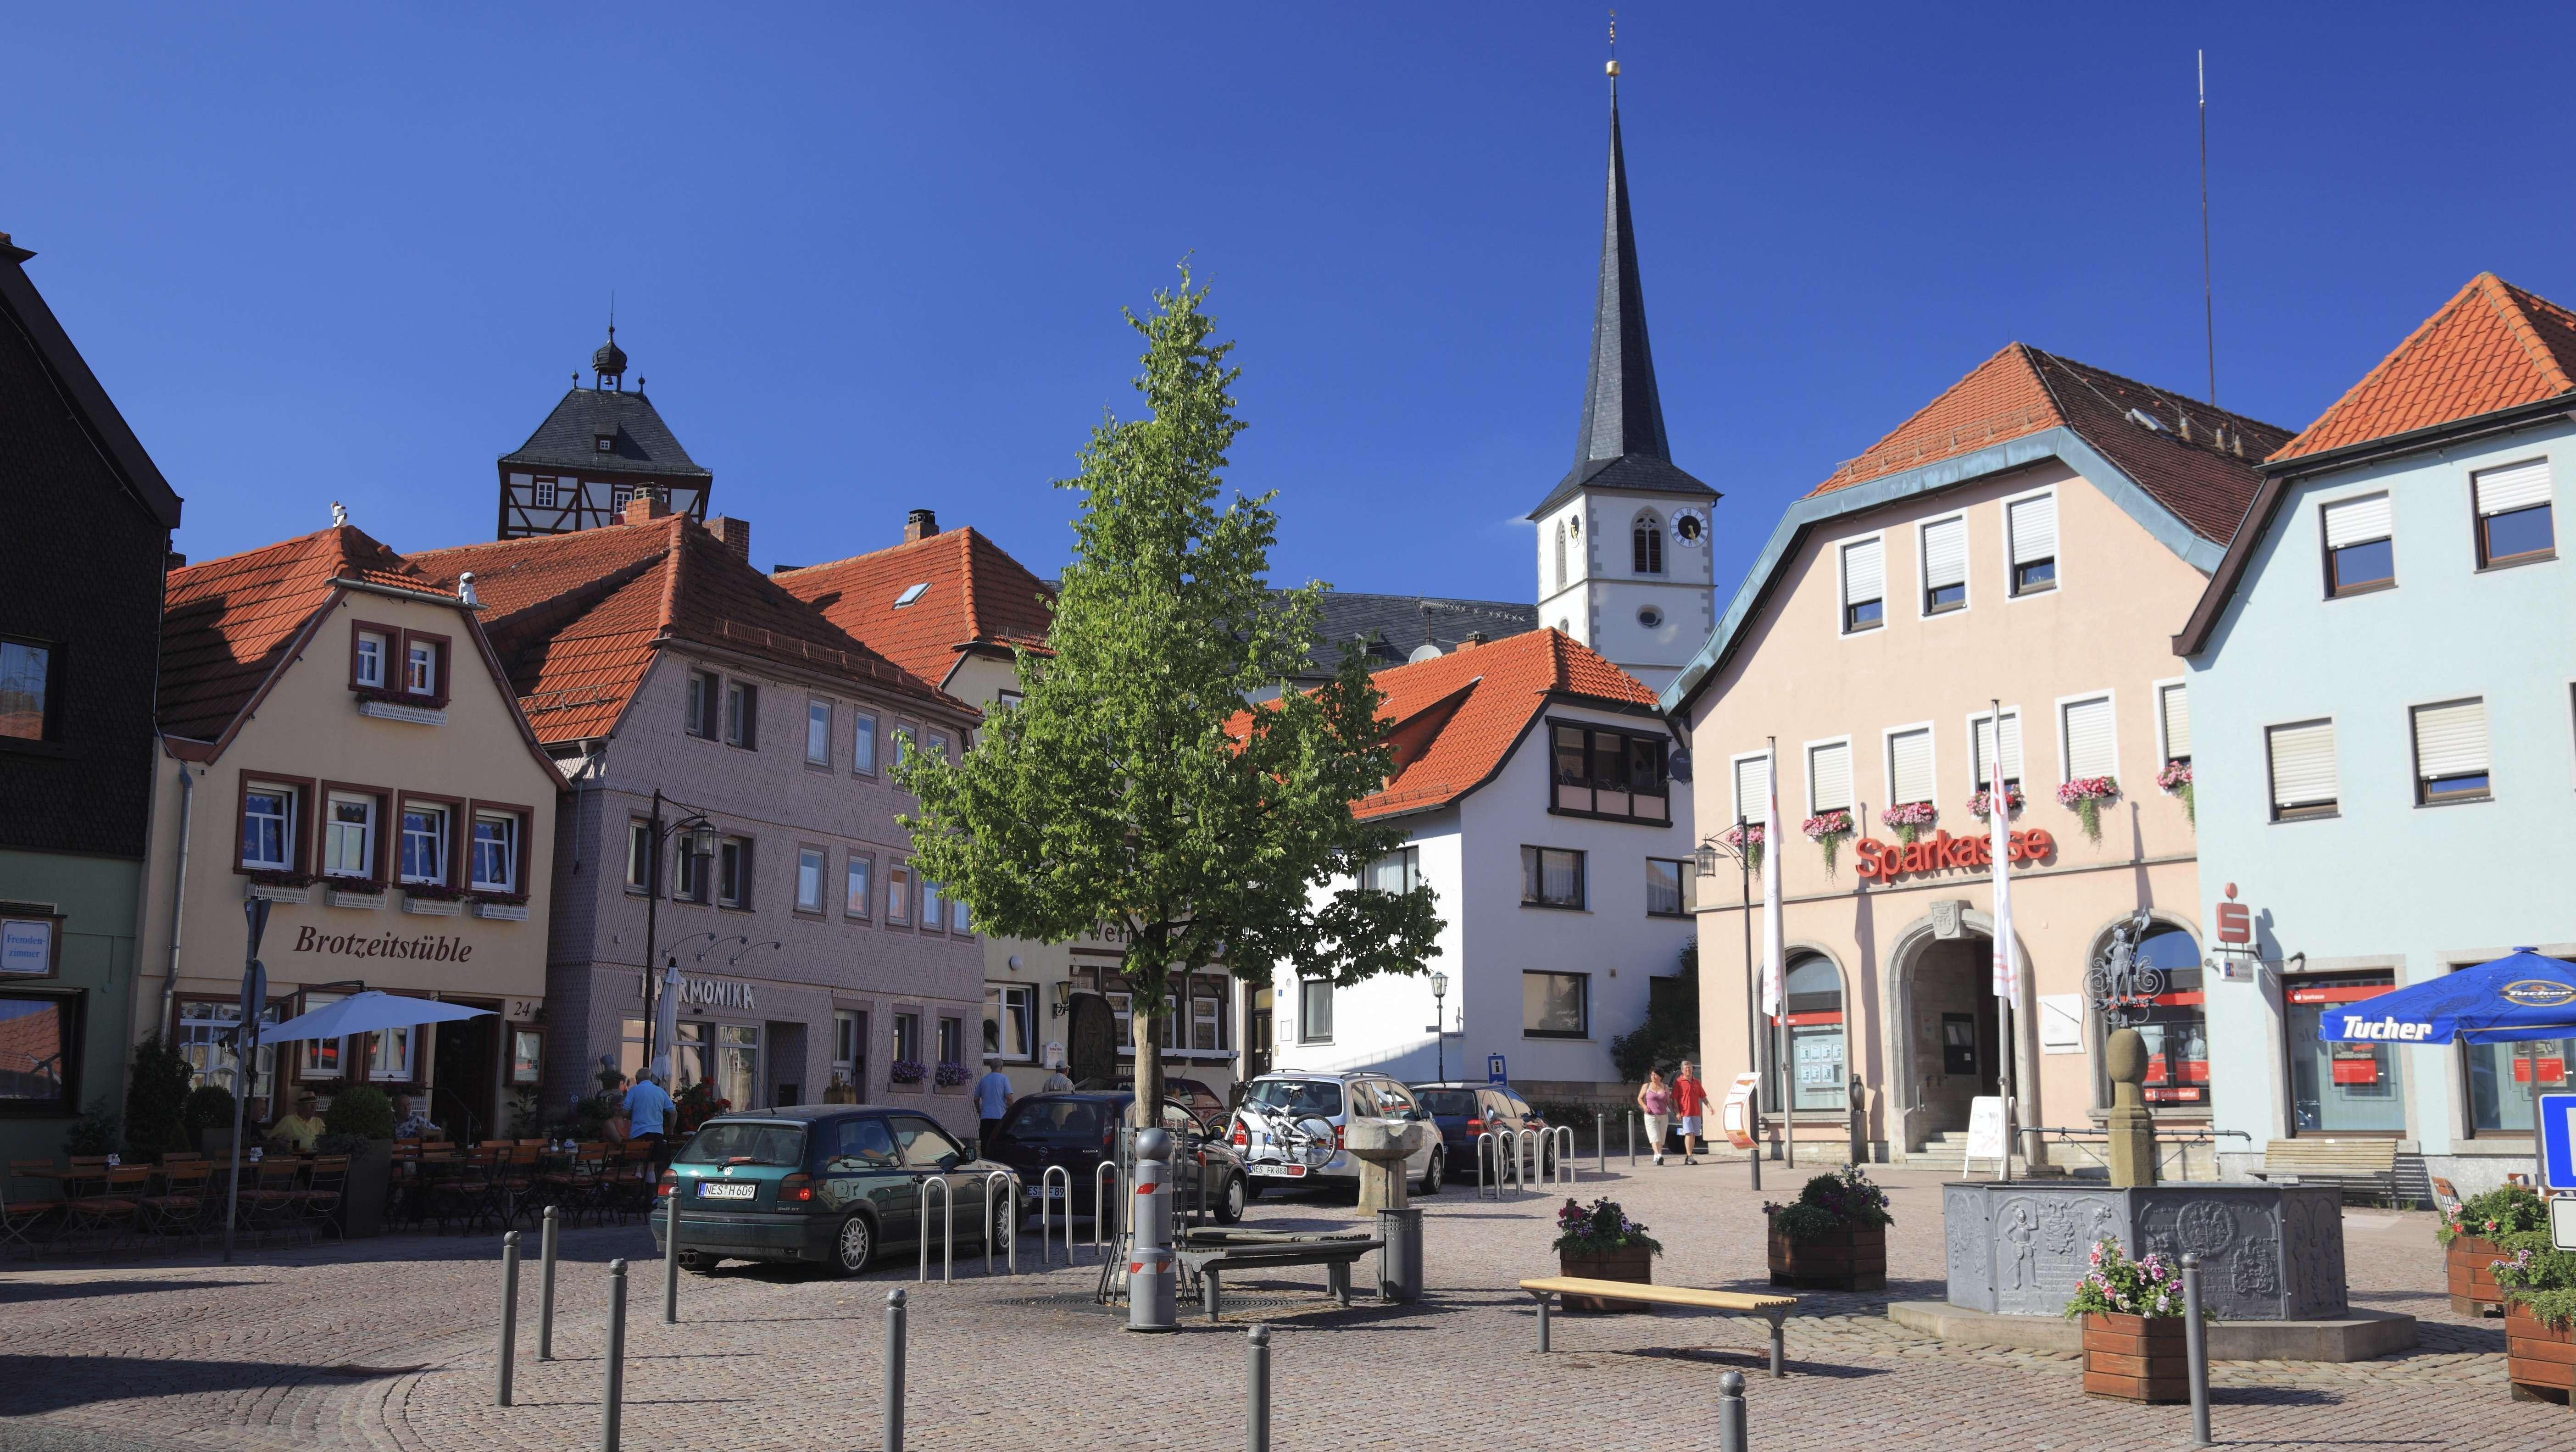 Marktplatz von Bischofsheim an der Rhön